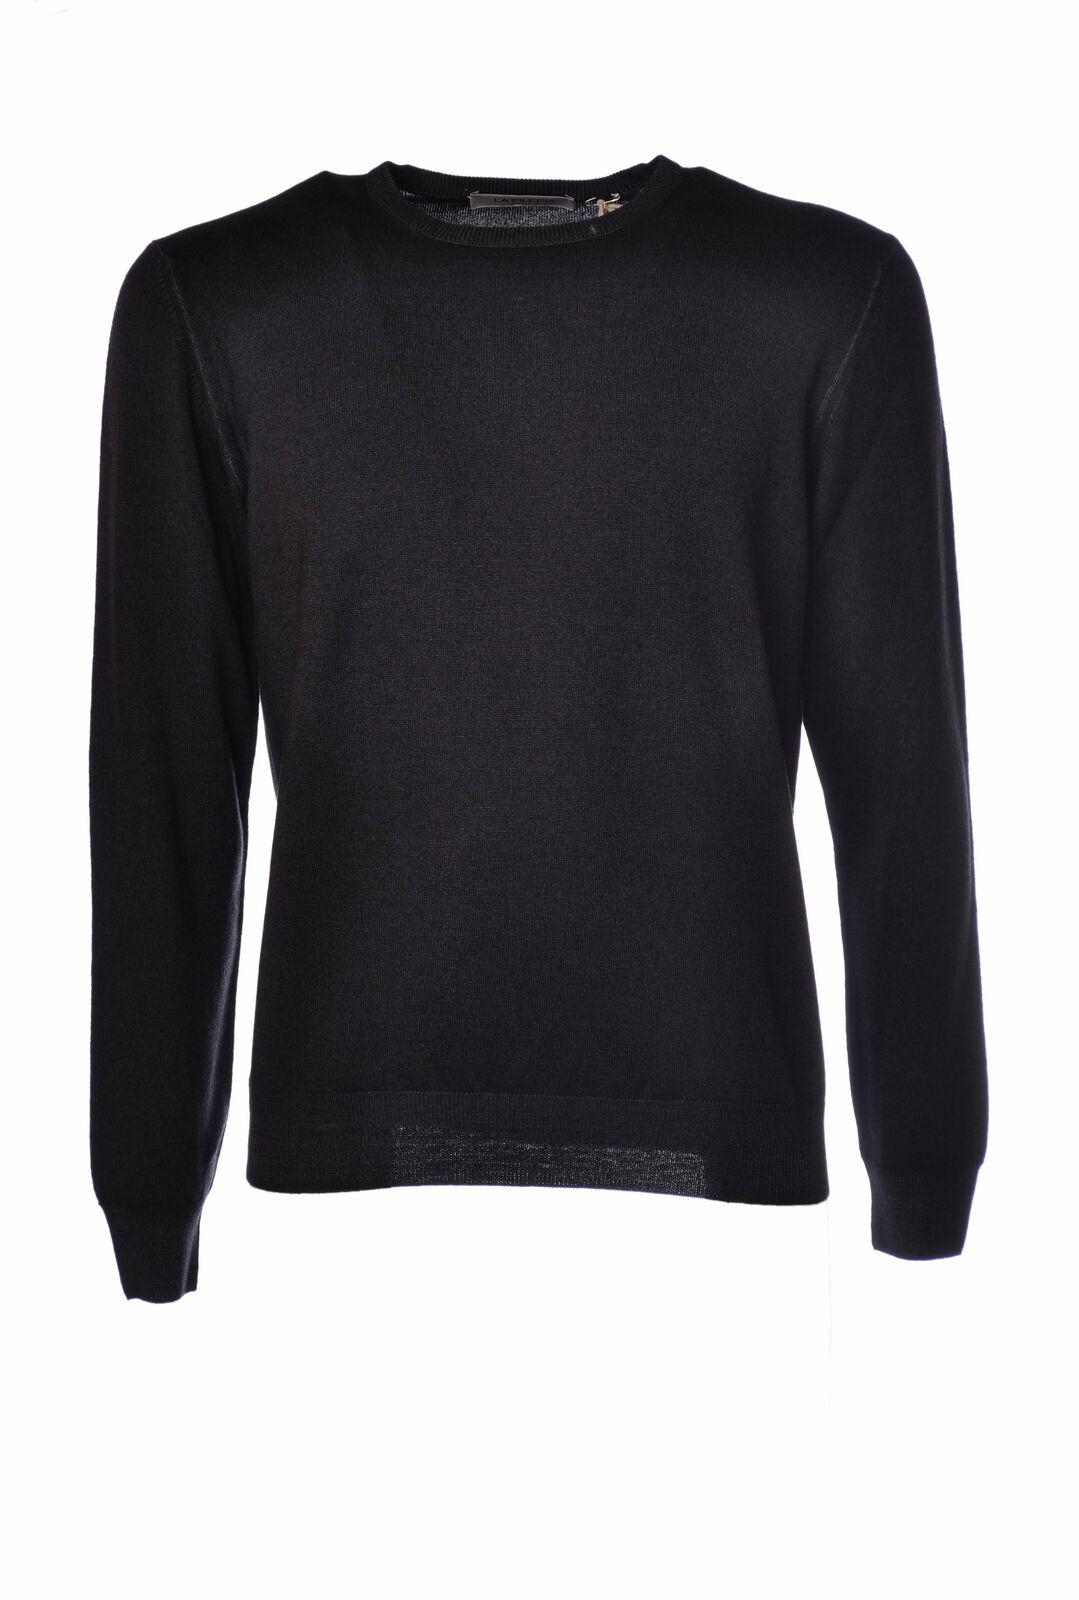 LA FILERIA - Knitwear-Sweaters - Man - grau - 2615406C192705